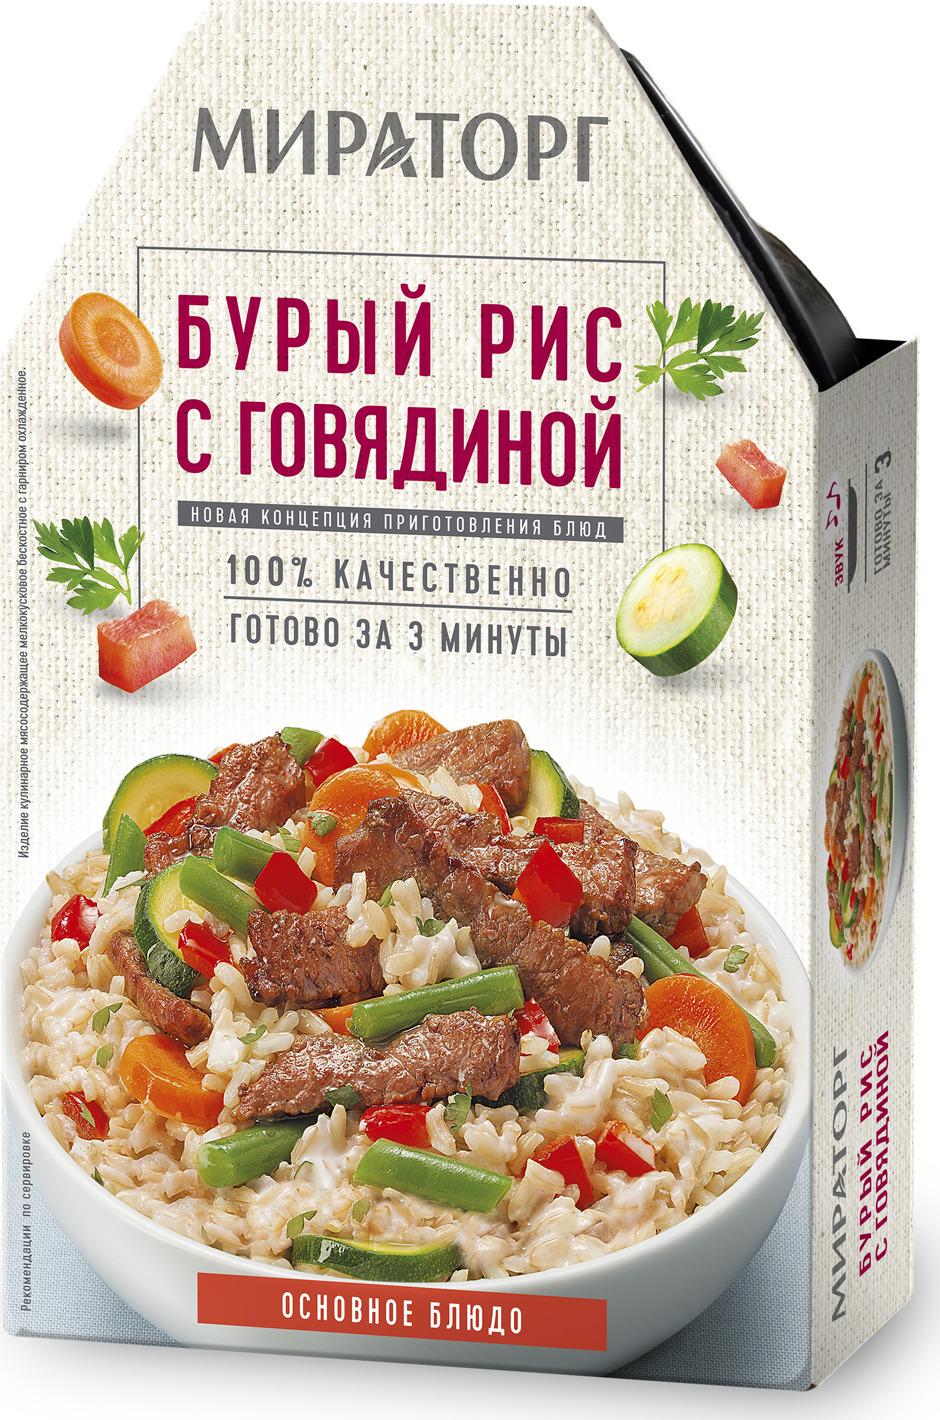 Бурый рис с говядиной Мираторг, 330 г цена и фото